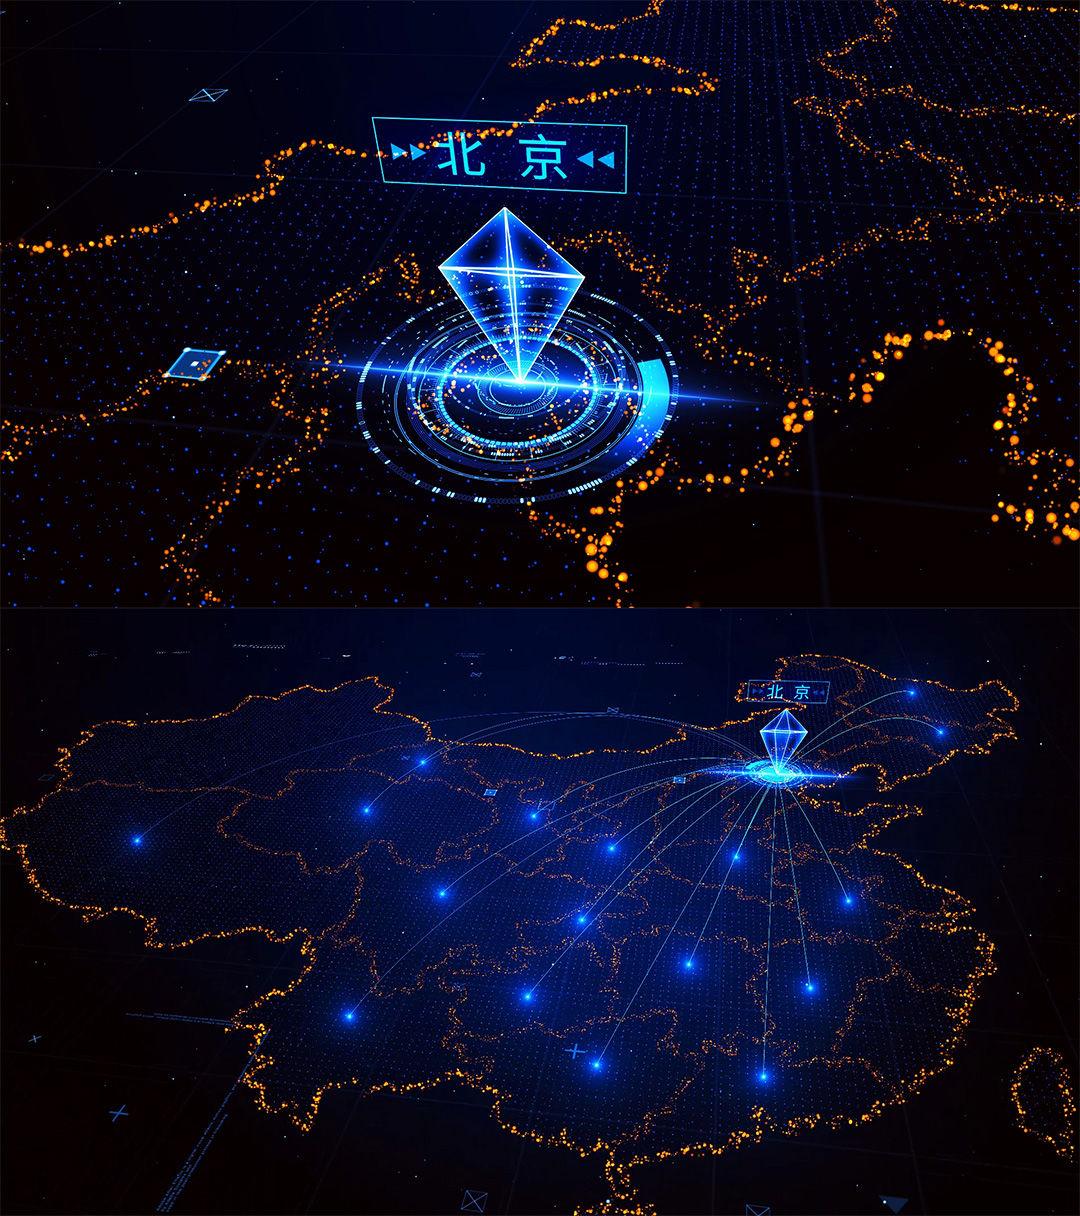 震撼粒子地图辐射ae模板